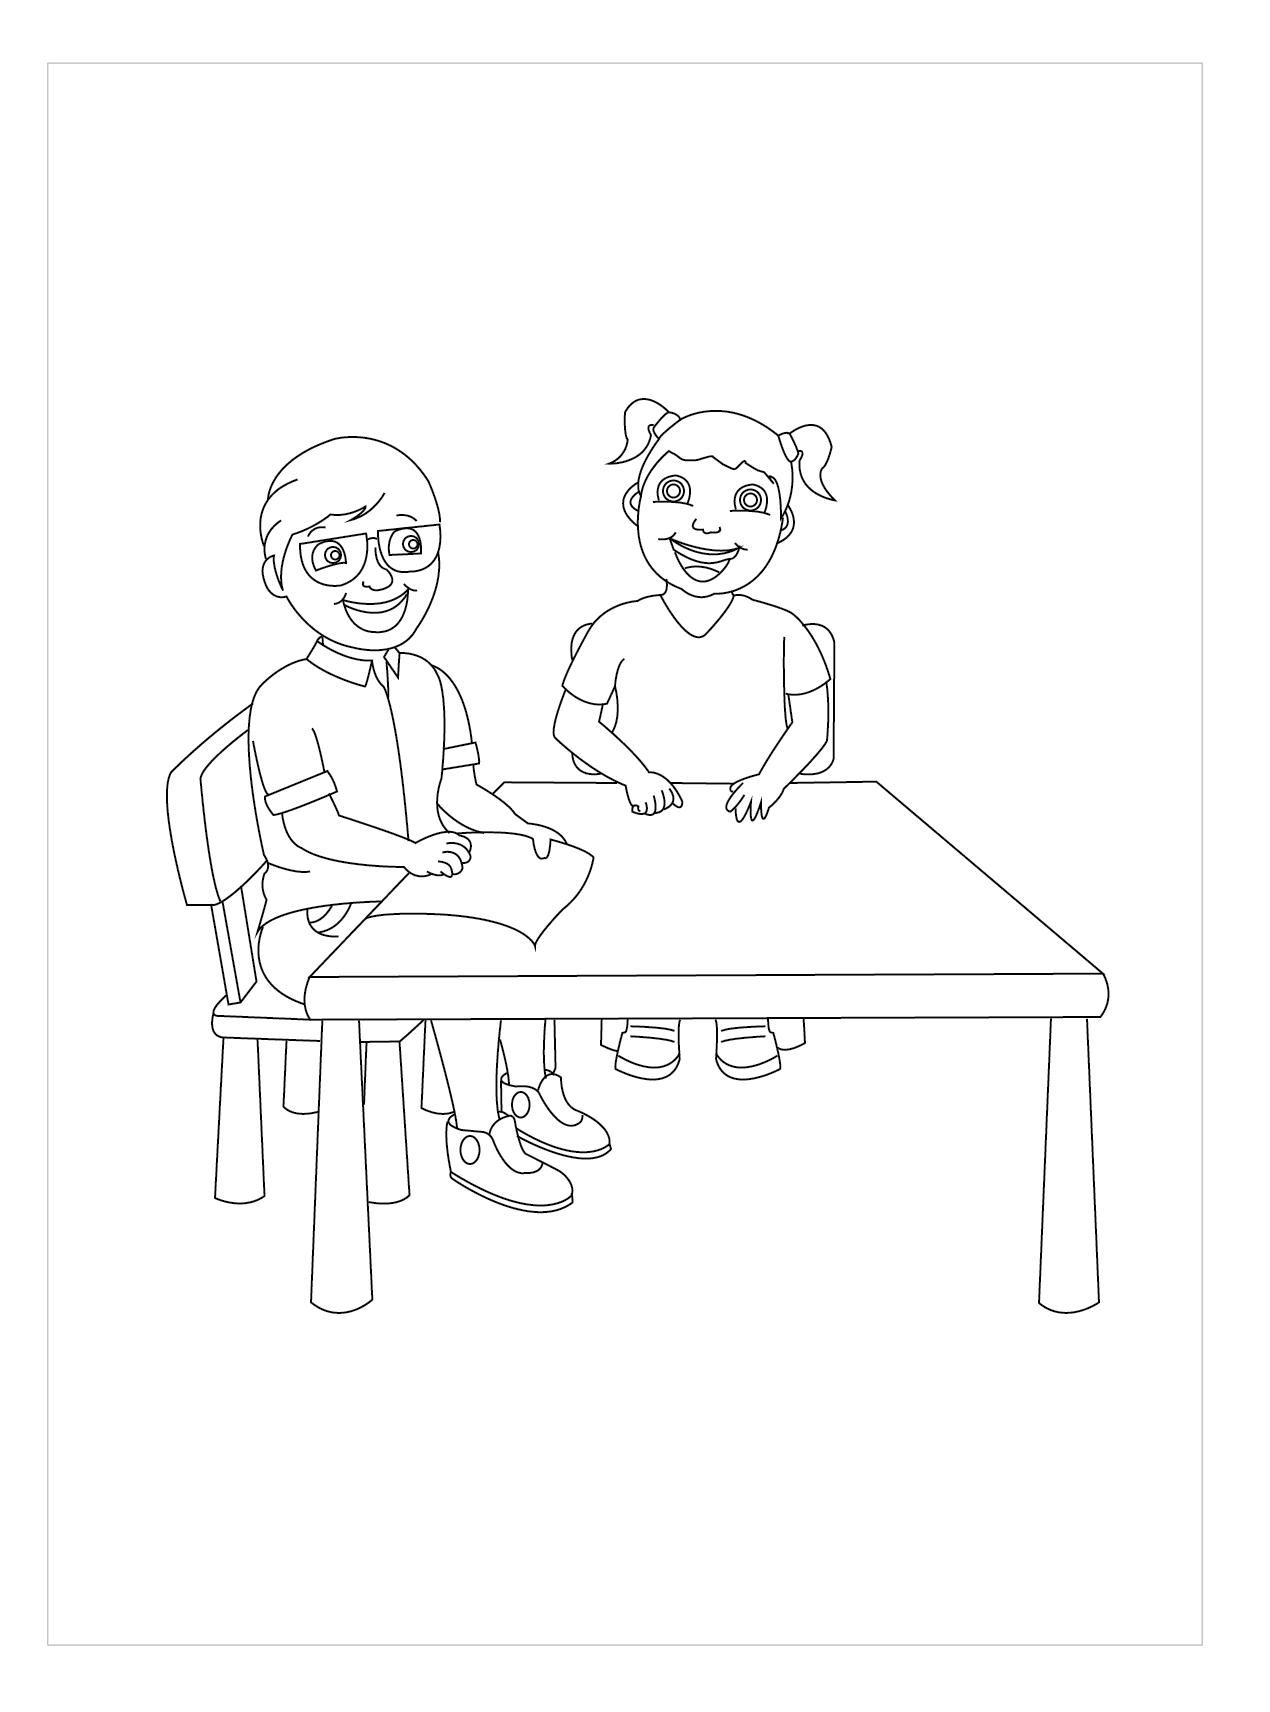 Tranh tô màu trẻ em ngồi bên bàn